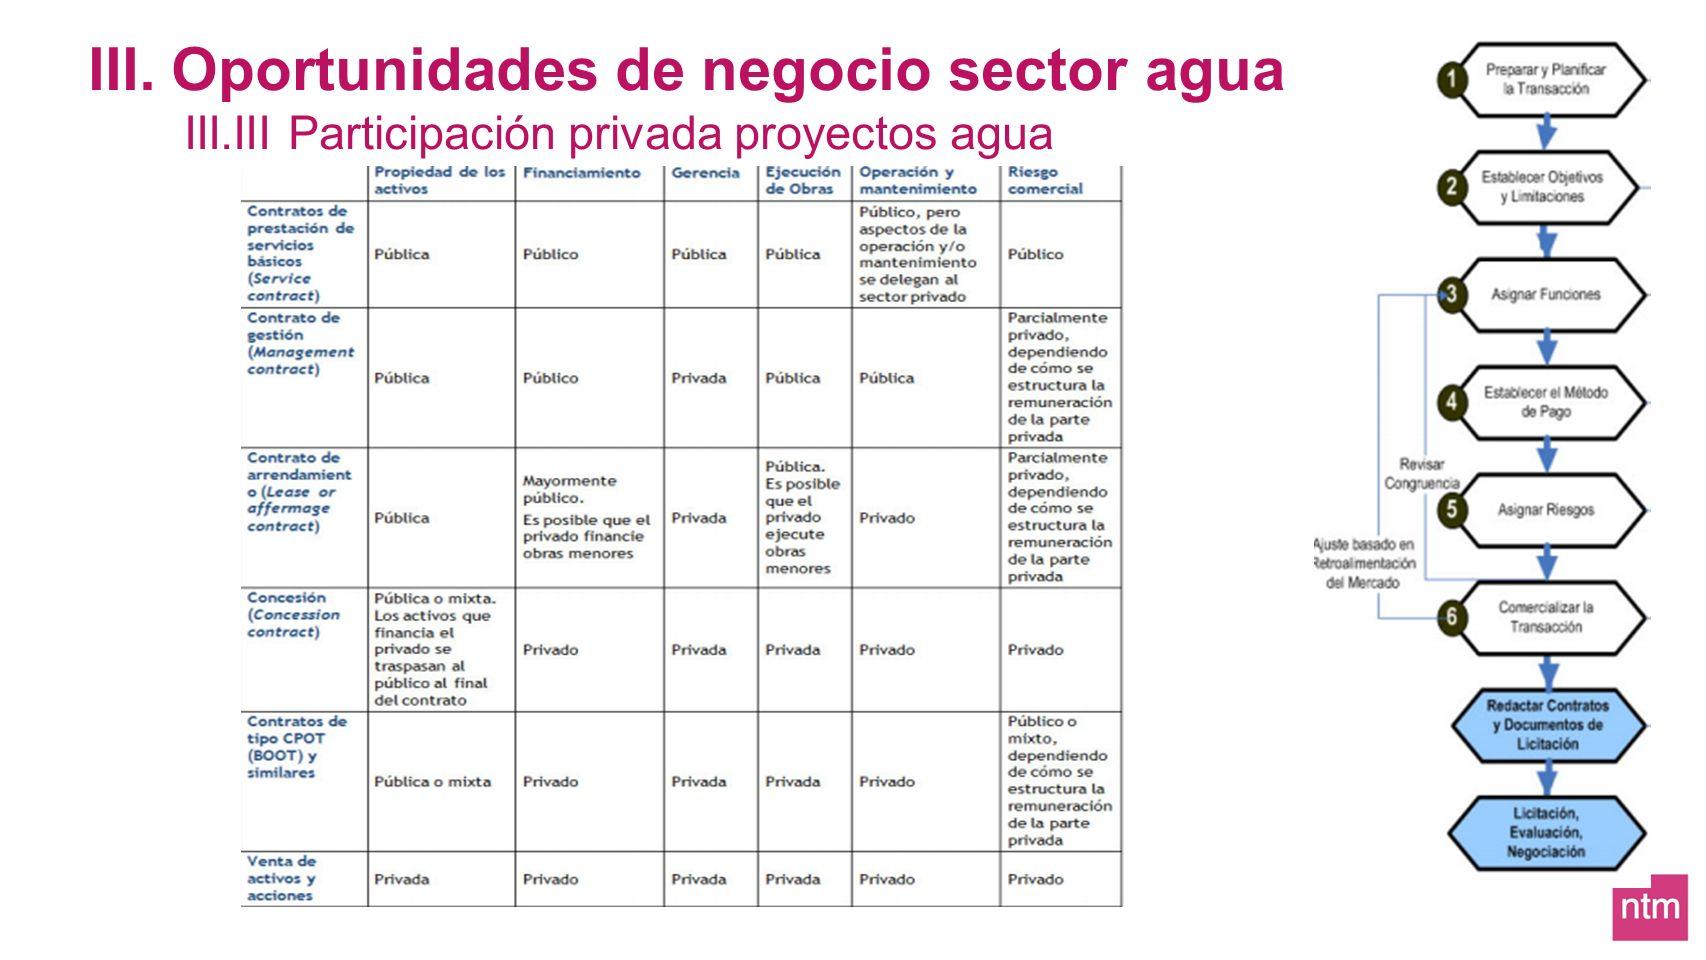 III. Oportunidades de negocio sector agua III.III Participación privada proyectos agua